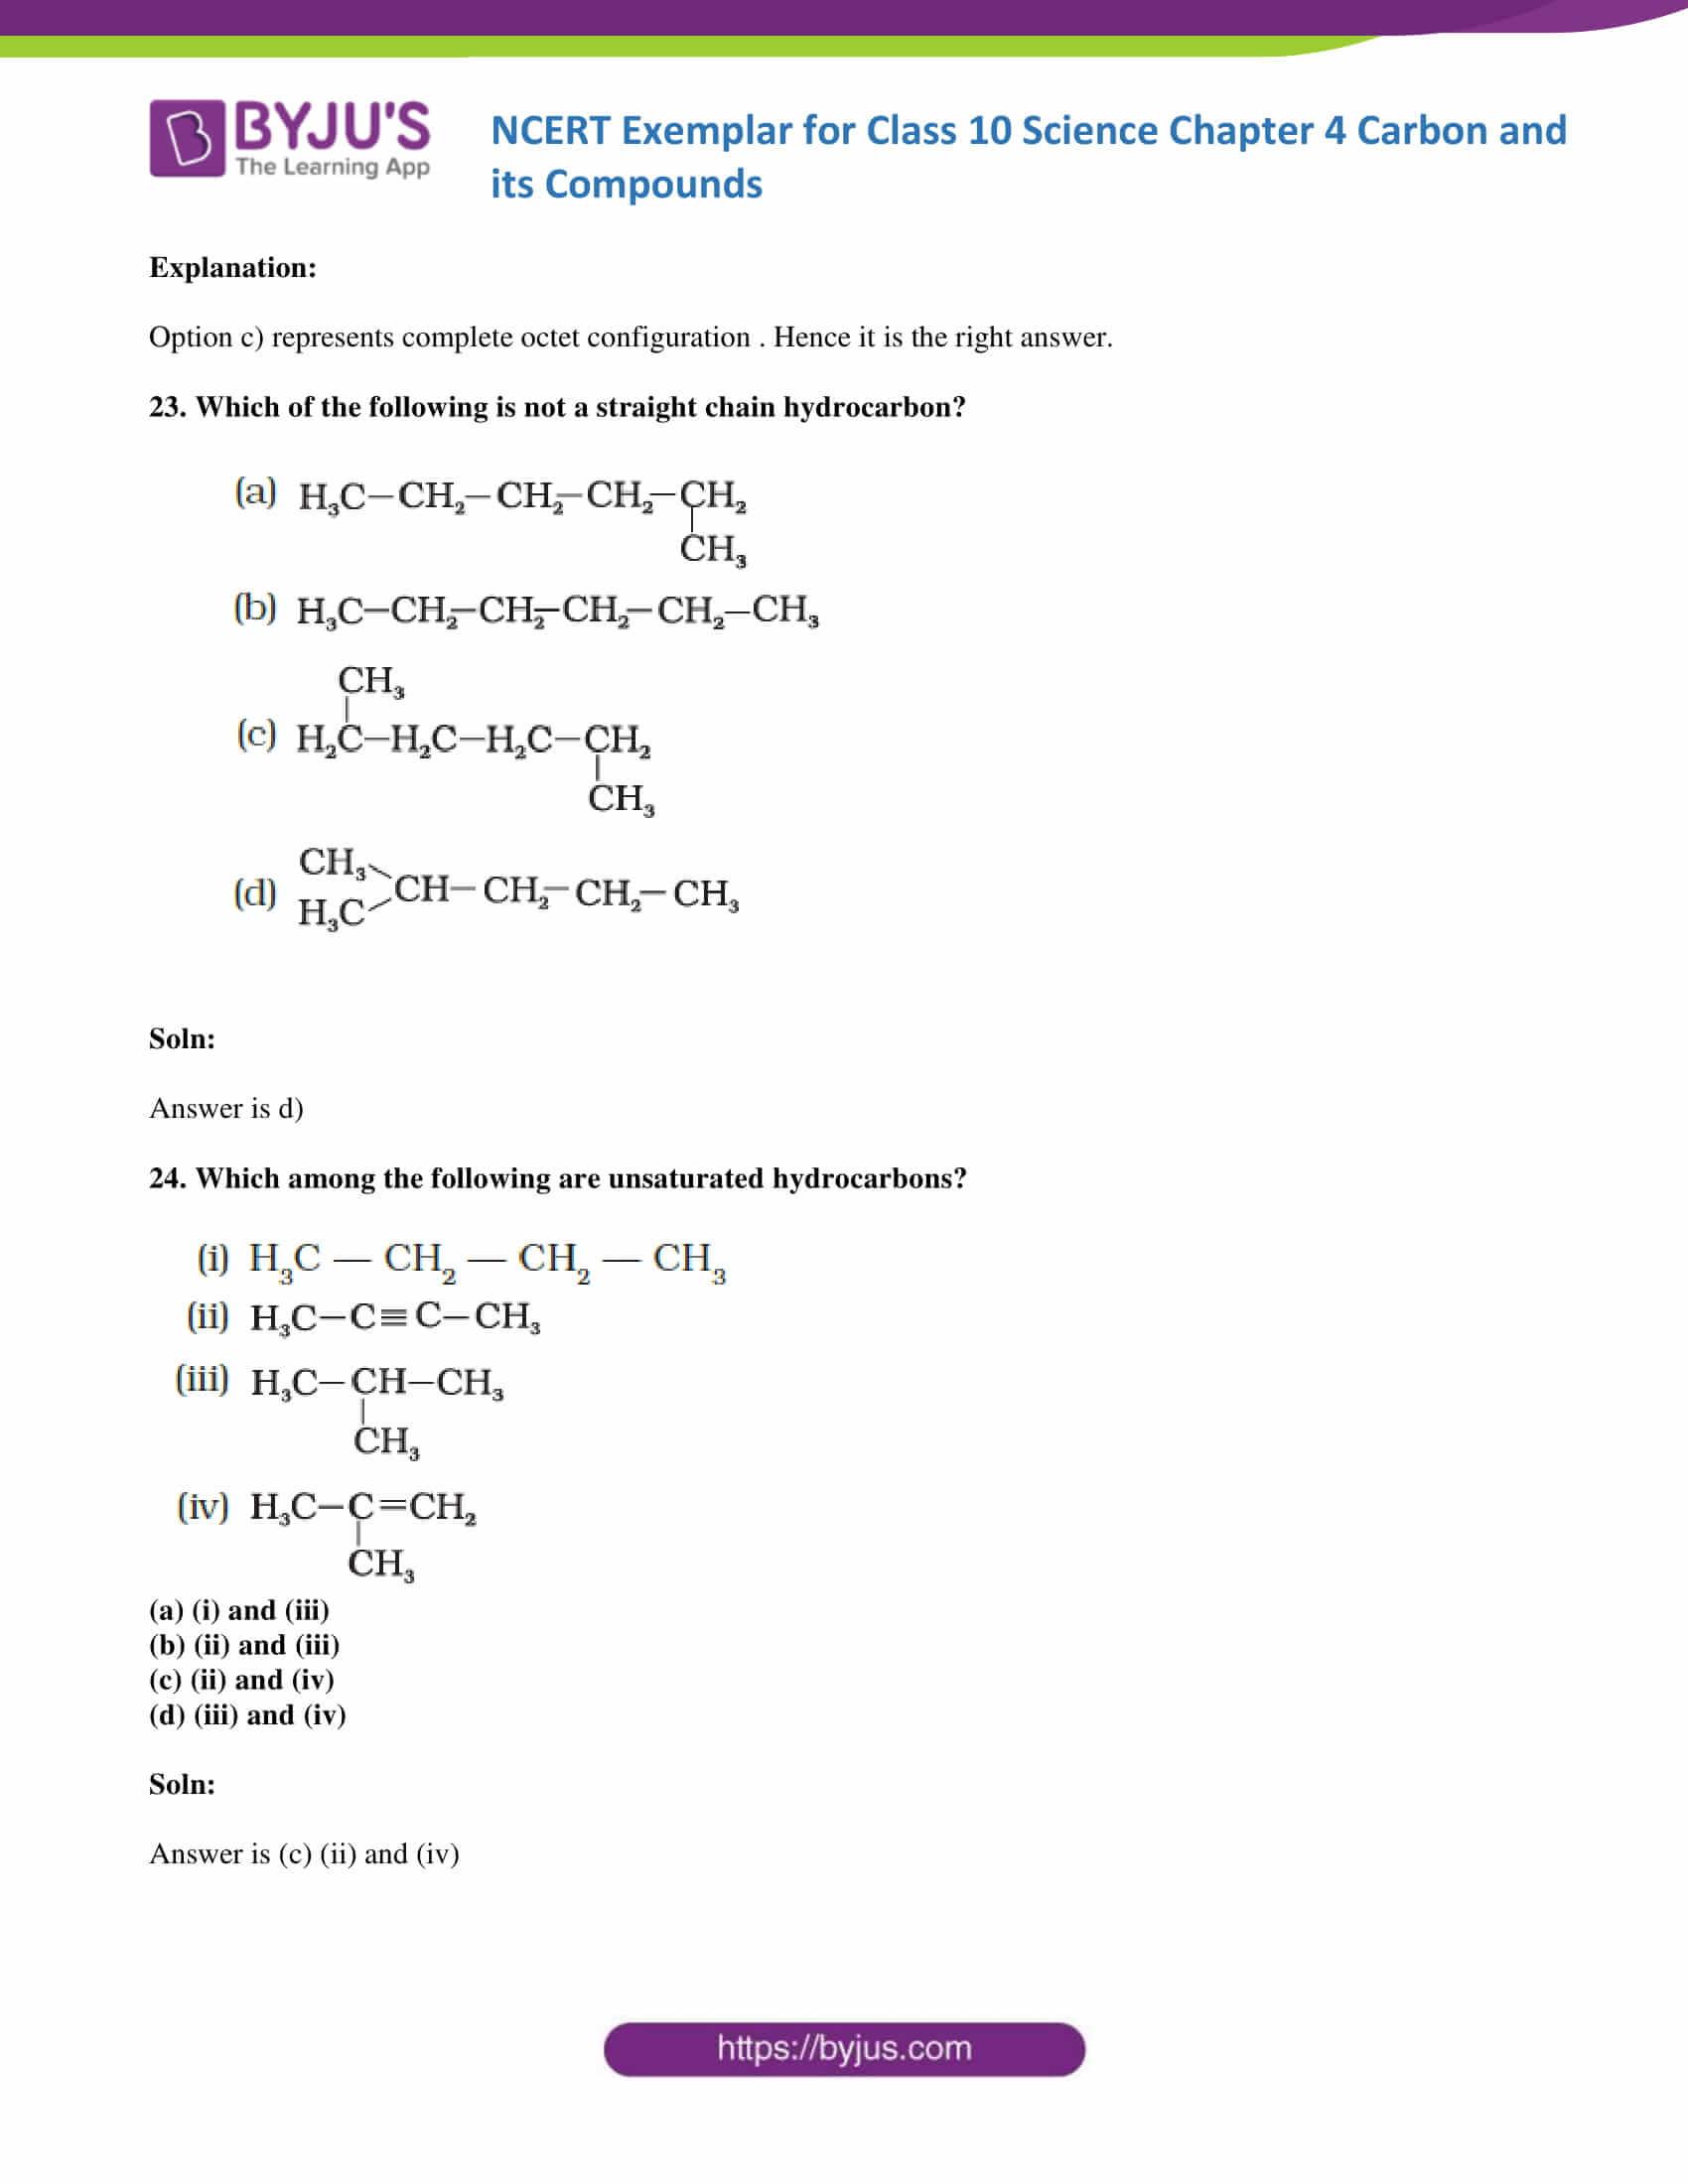 NCERT Exemplar solution class 10 Science Chapter 4 part 09